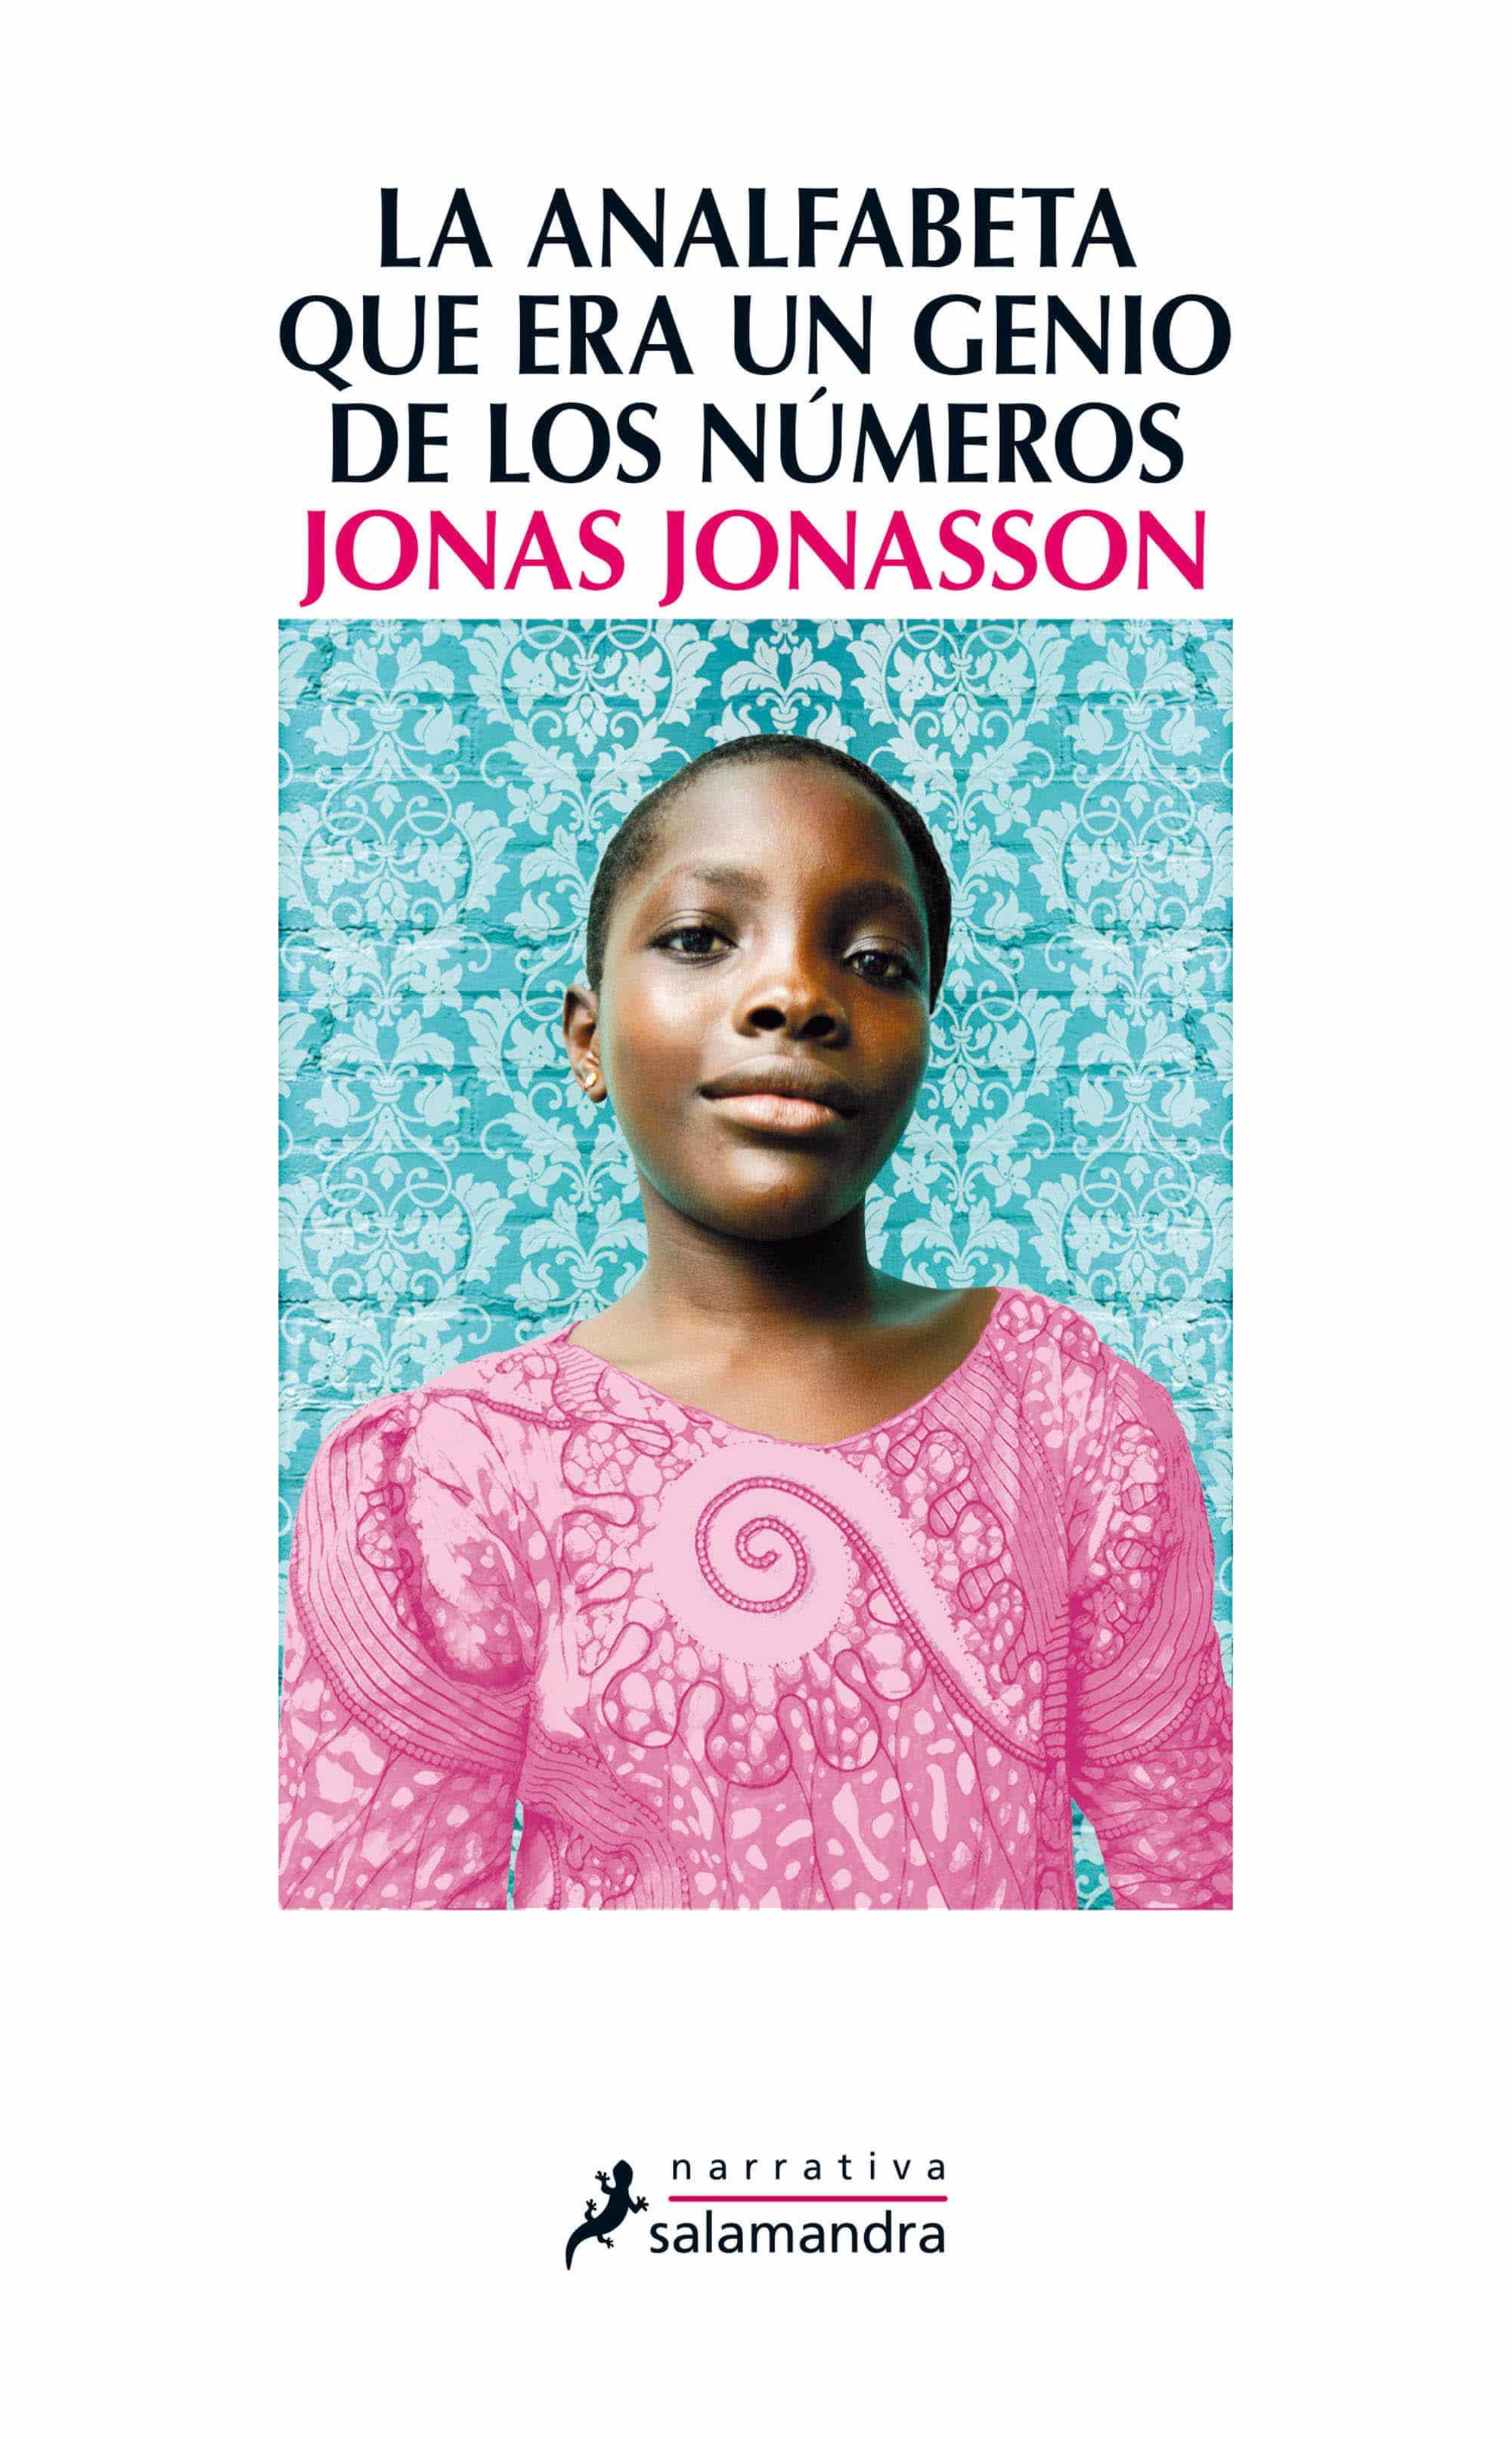 La analfabeta que era un genio, de Jonas Jonasson